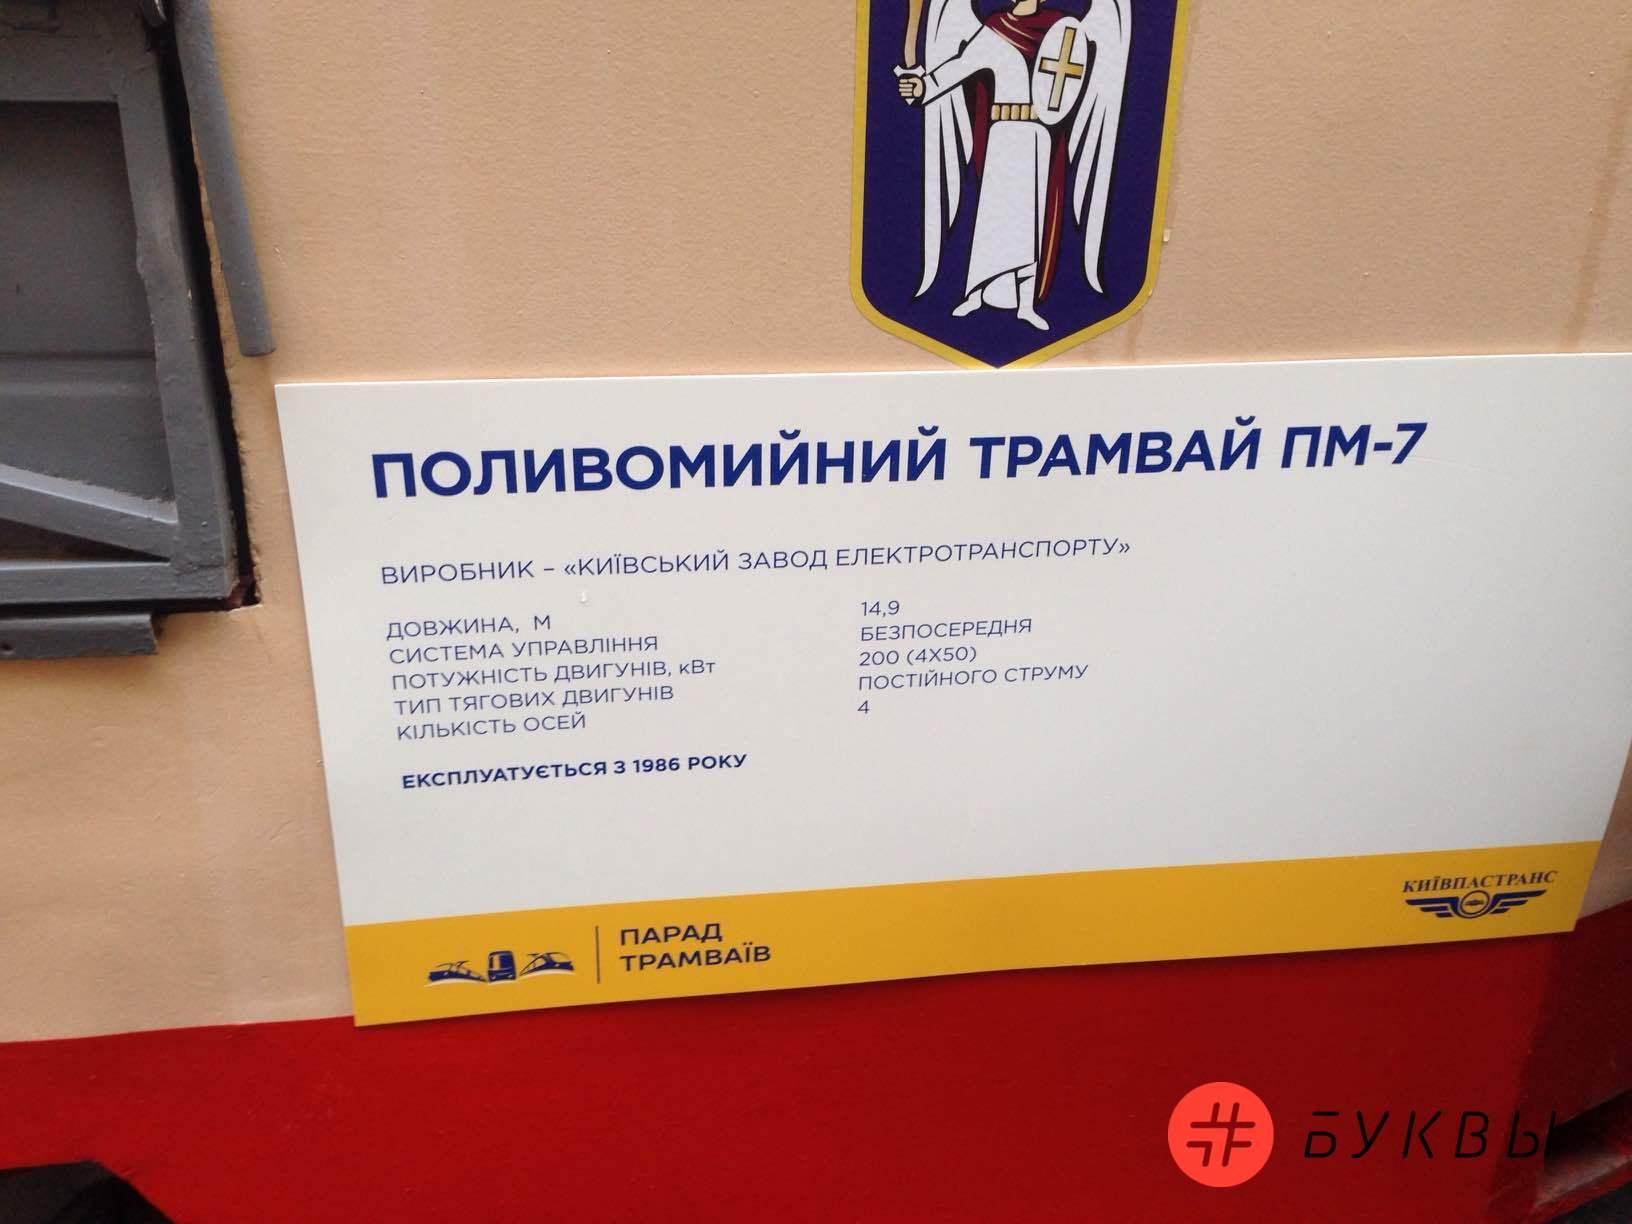 Парад трамваев_6